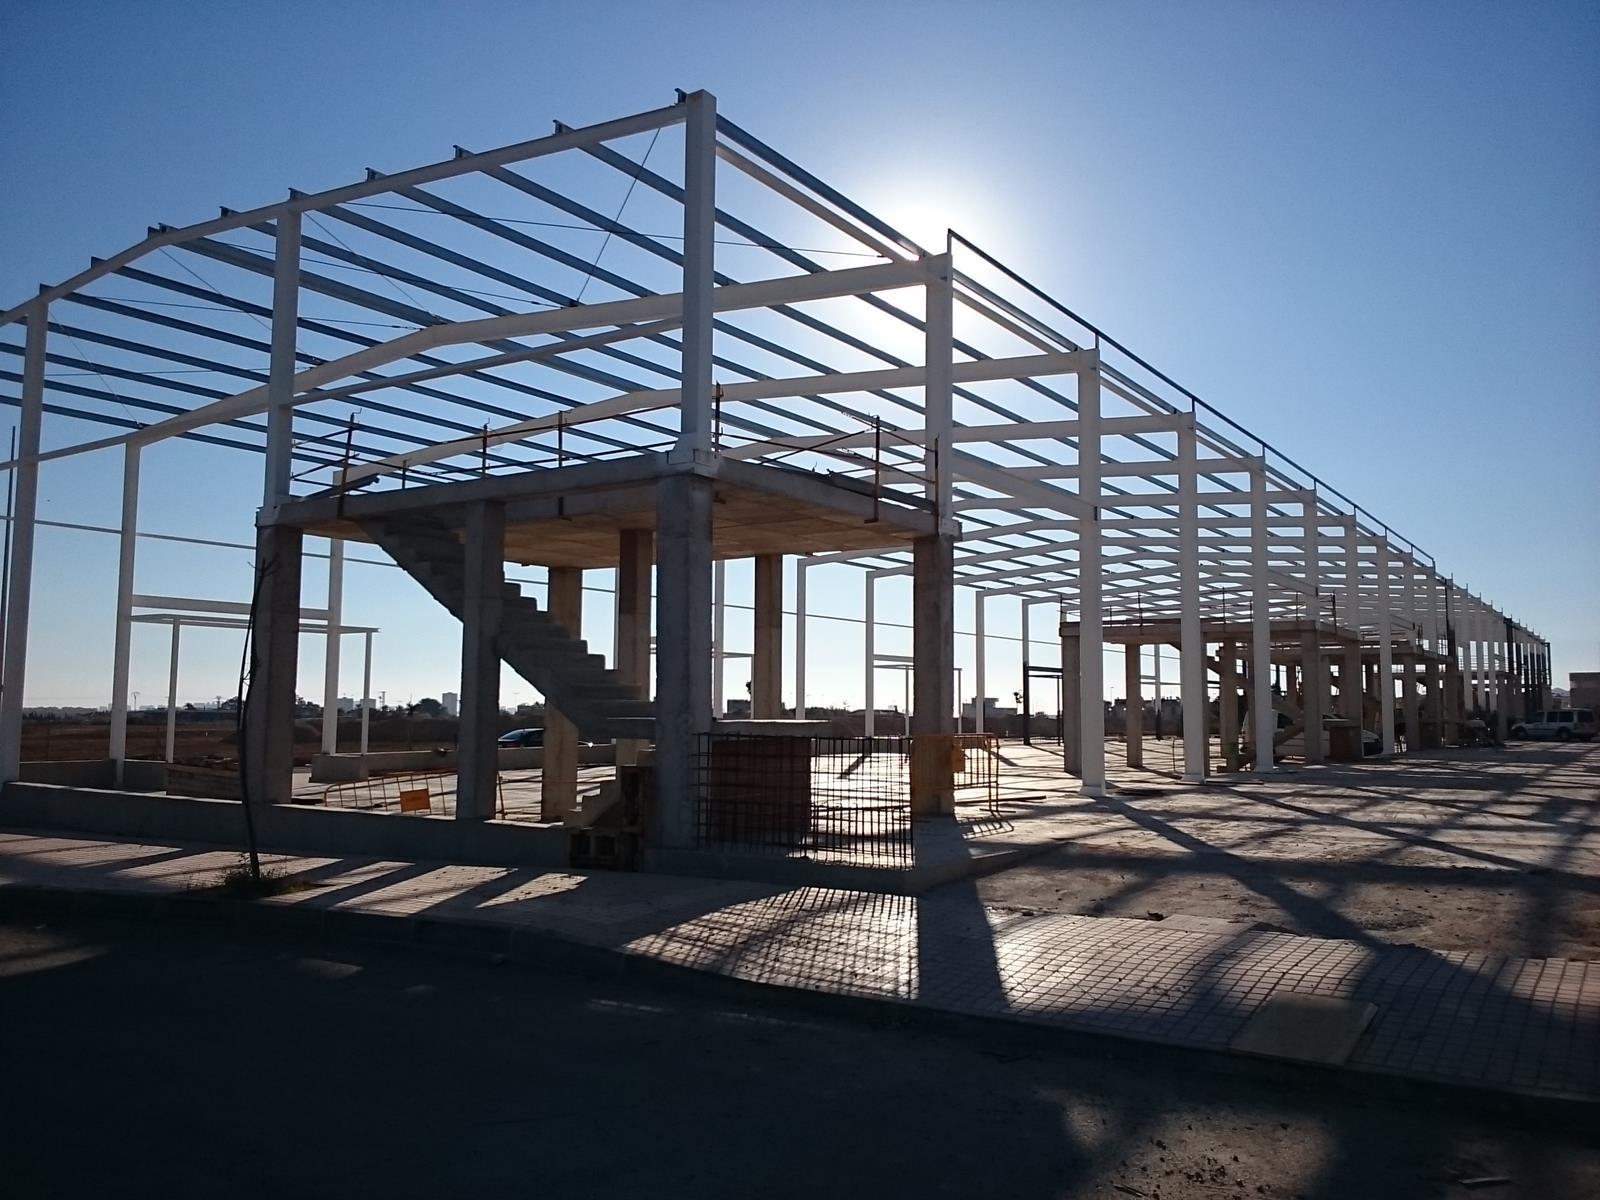 Construcciones de estructuras met licas cartago algunas for Construcciones industriales